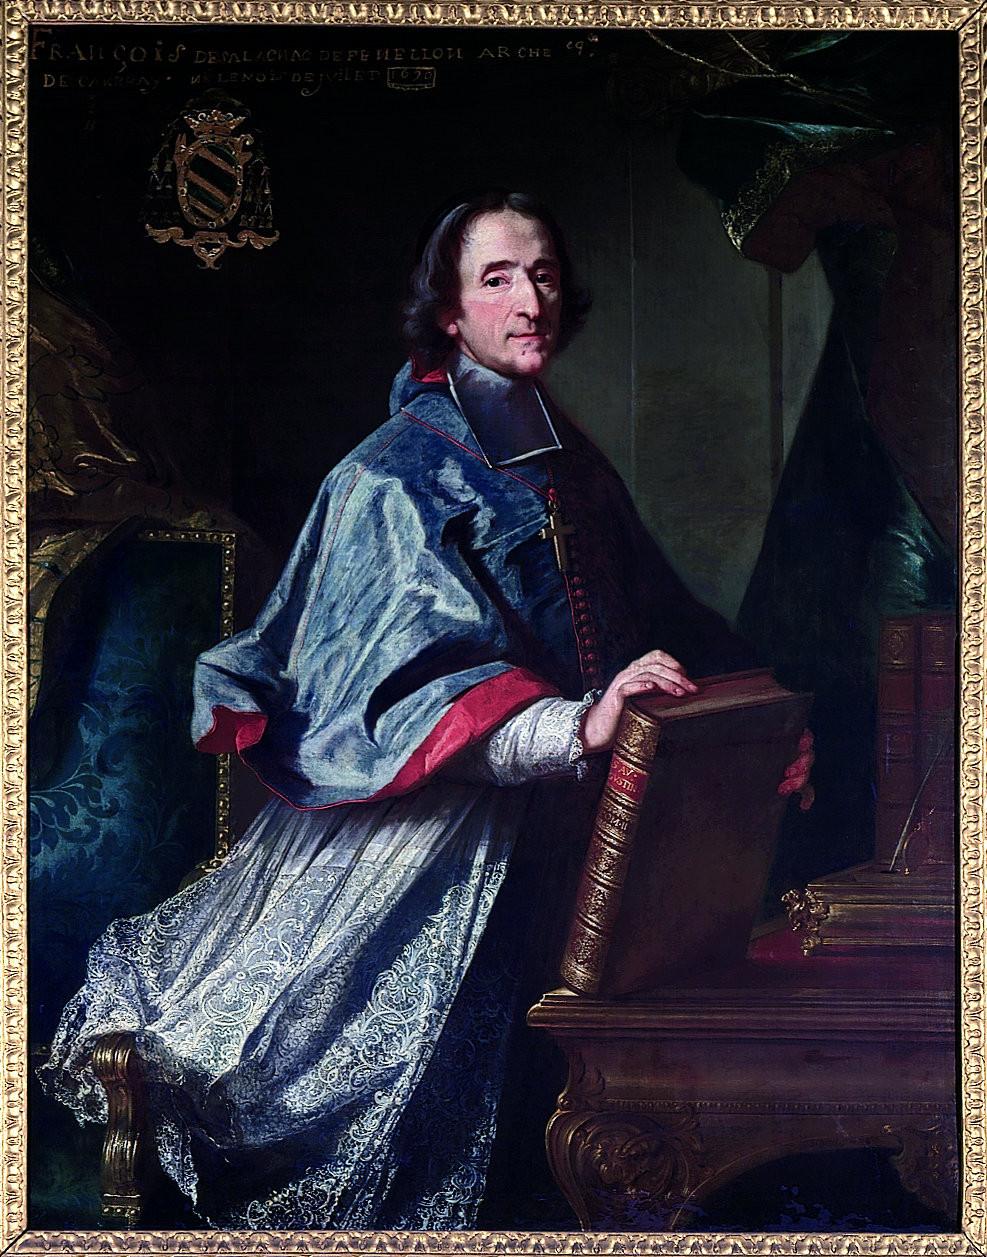 Bailleul, Portrait de François de Salignac de La Mothe-Fénelon dit Fénelon, 1718, Périgueux, musée d'art et d'archéologie du Périgord, inv. 75.2